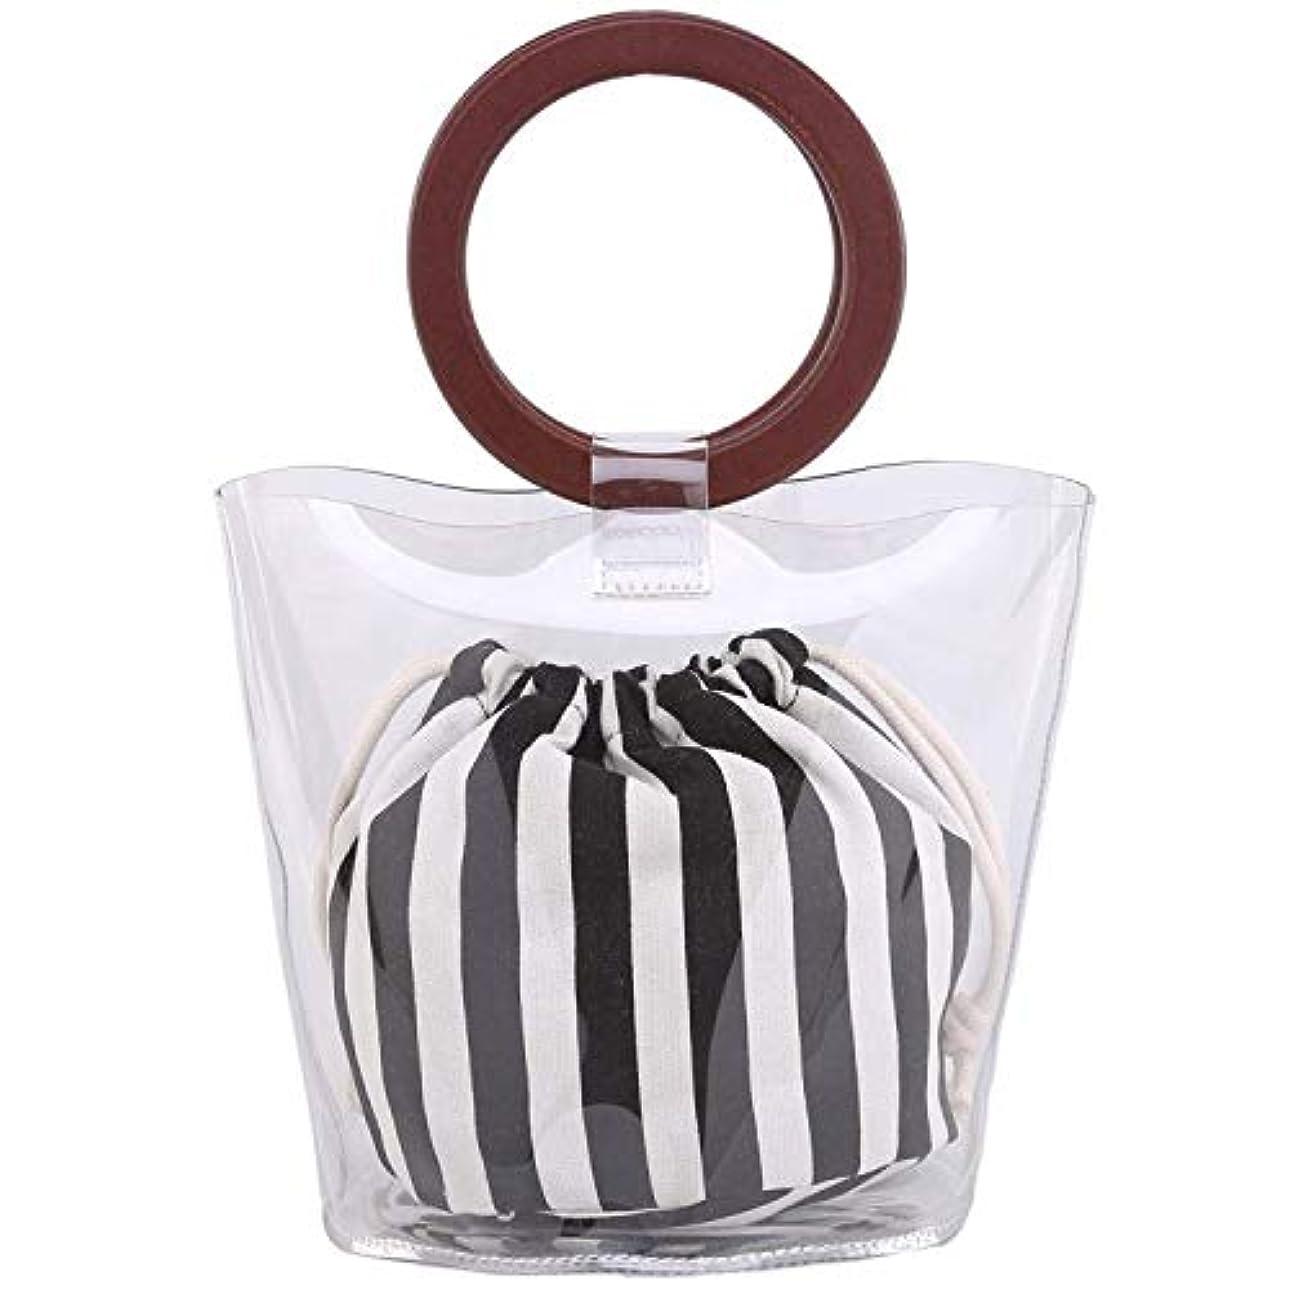 血色の良いと組むリベラルSODIAL レディースPVC +キャンバス財布とハンドバッグバケットバッグ仕事に適用(透明色+ホワイト+ブラック)